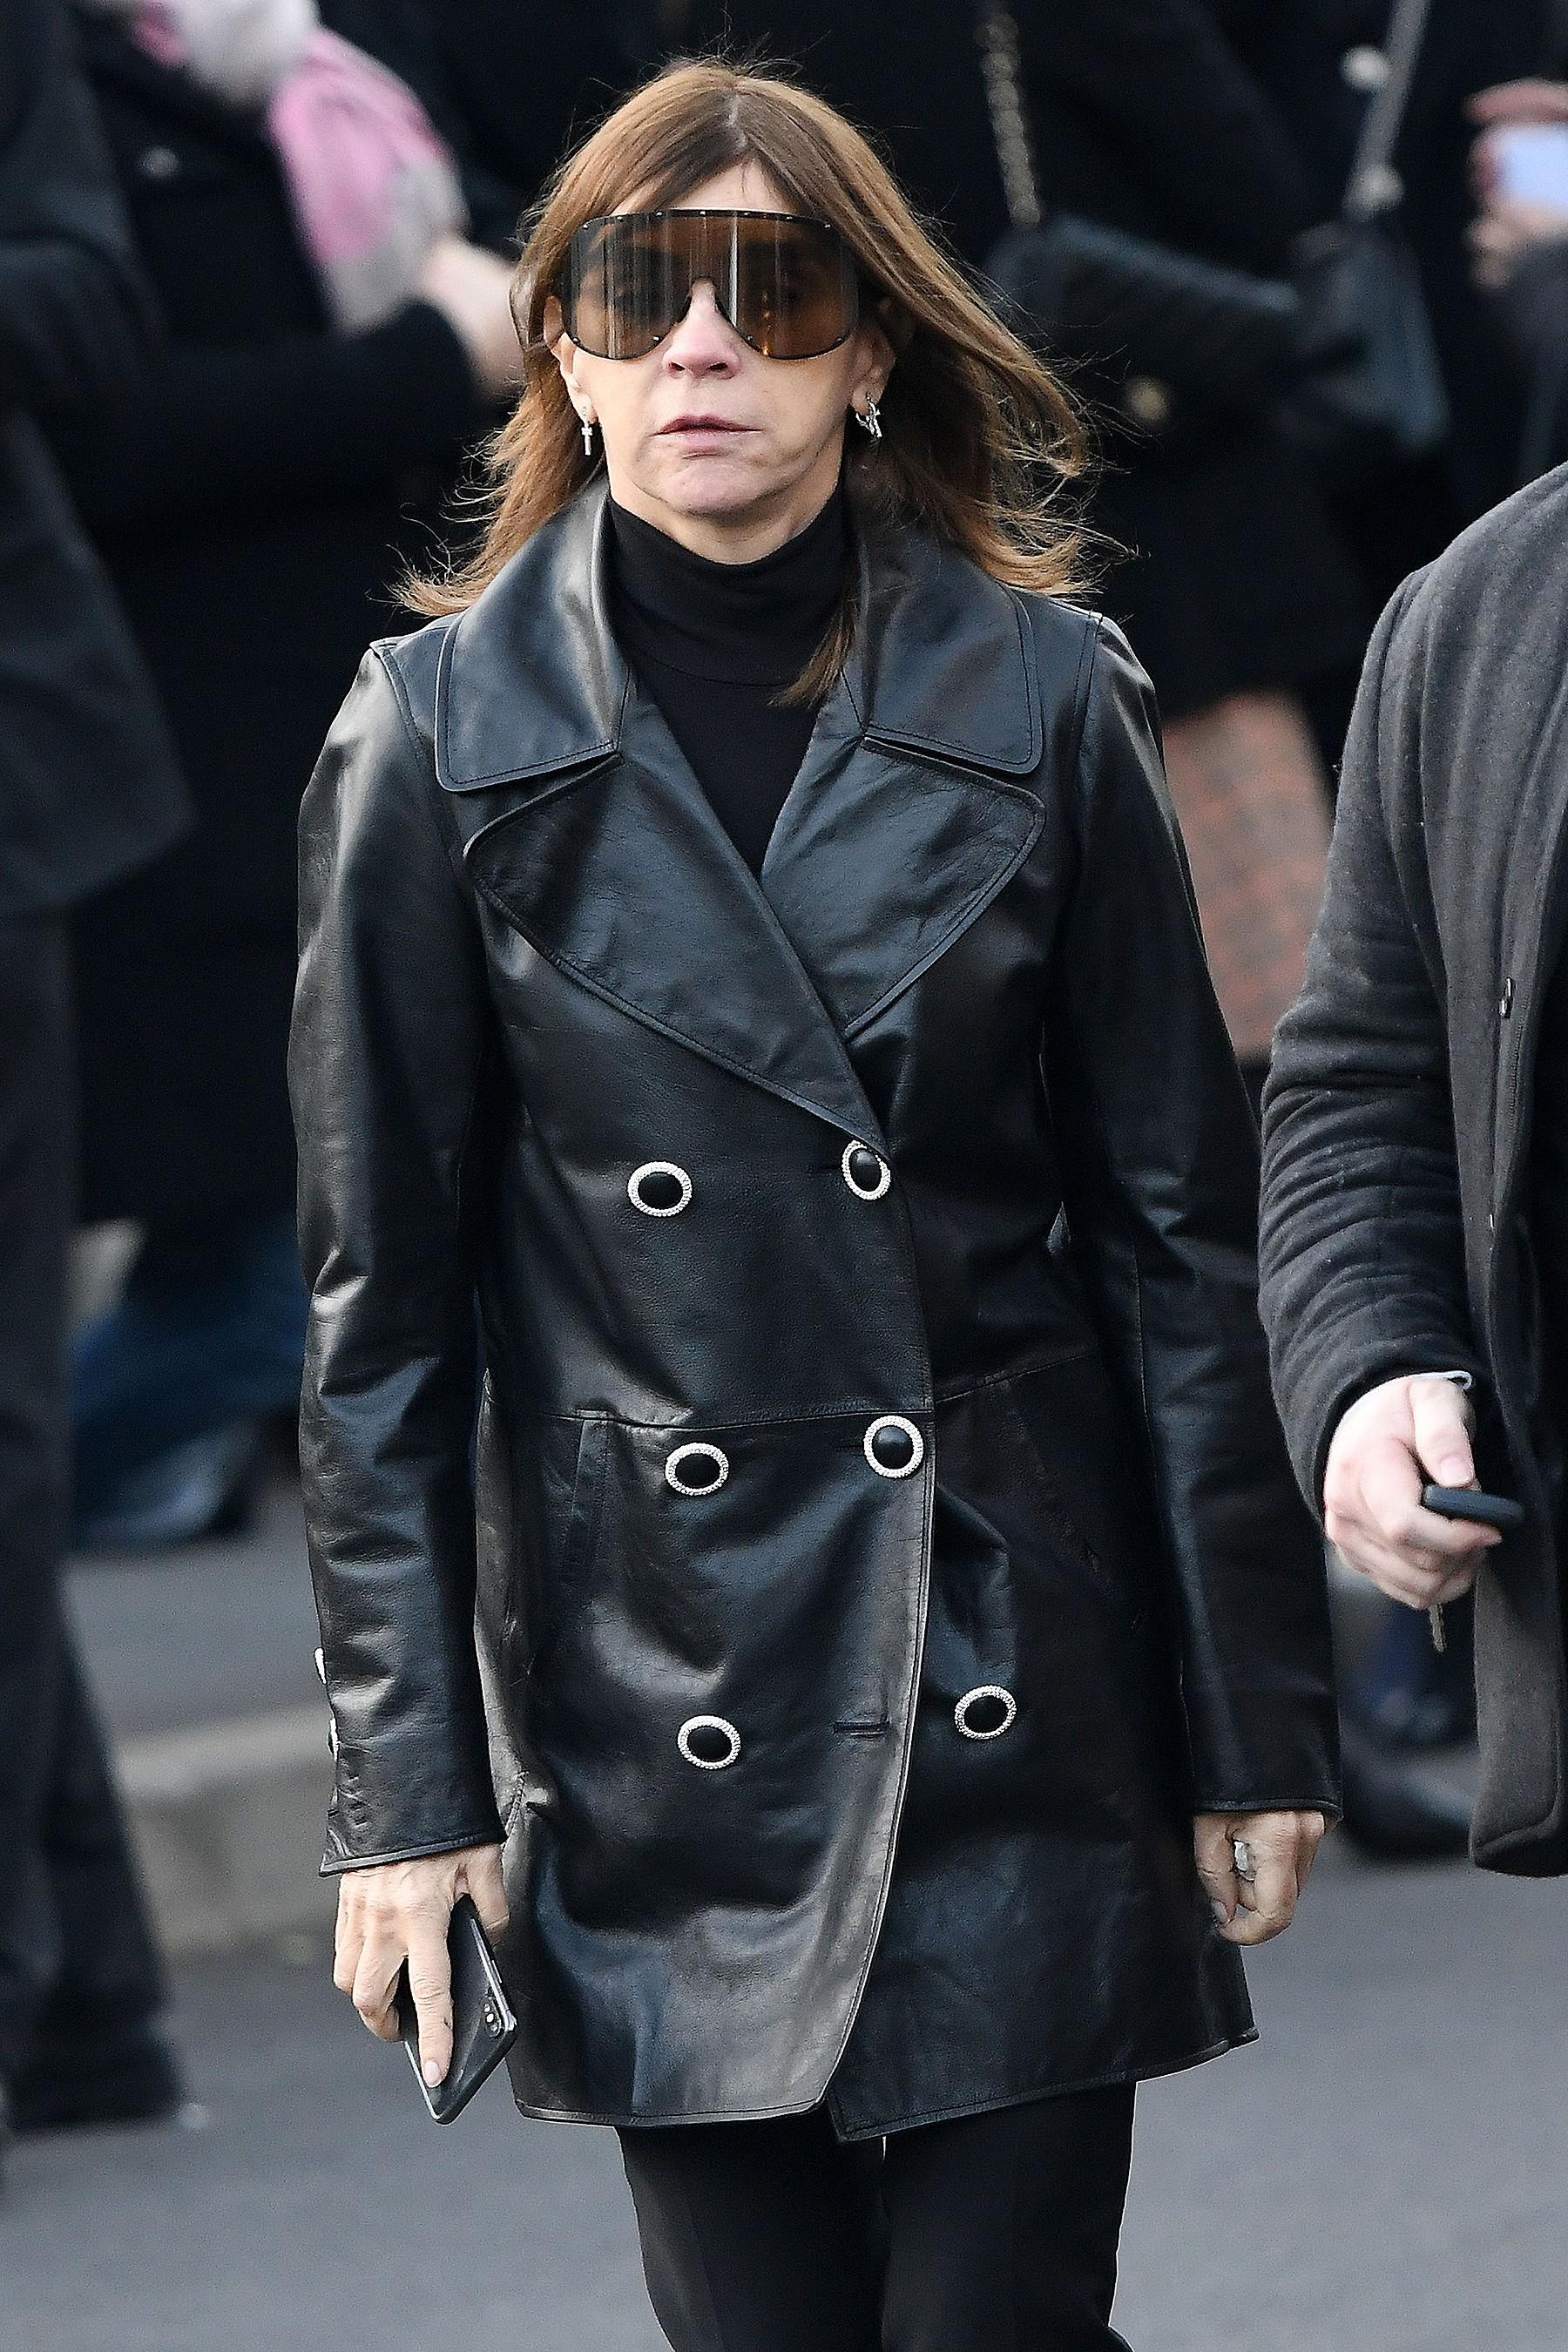 Lễ hỏa táng của huyền thoại Karl Lagerfeld: Công chúa Monaco, tổng biên tạp chí Vogue cùng dàn siêu mẫu đến tiễn đưa - Ảnh 8.